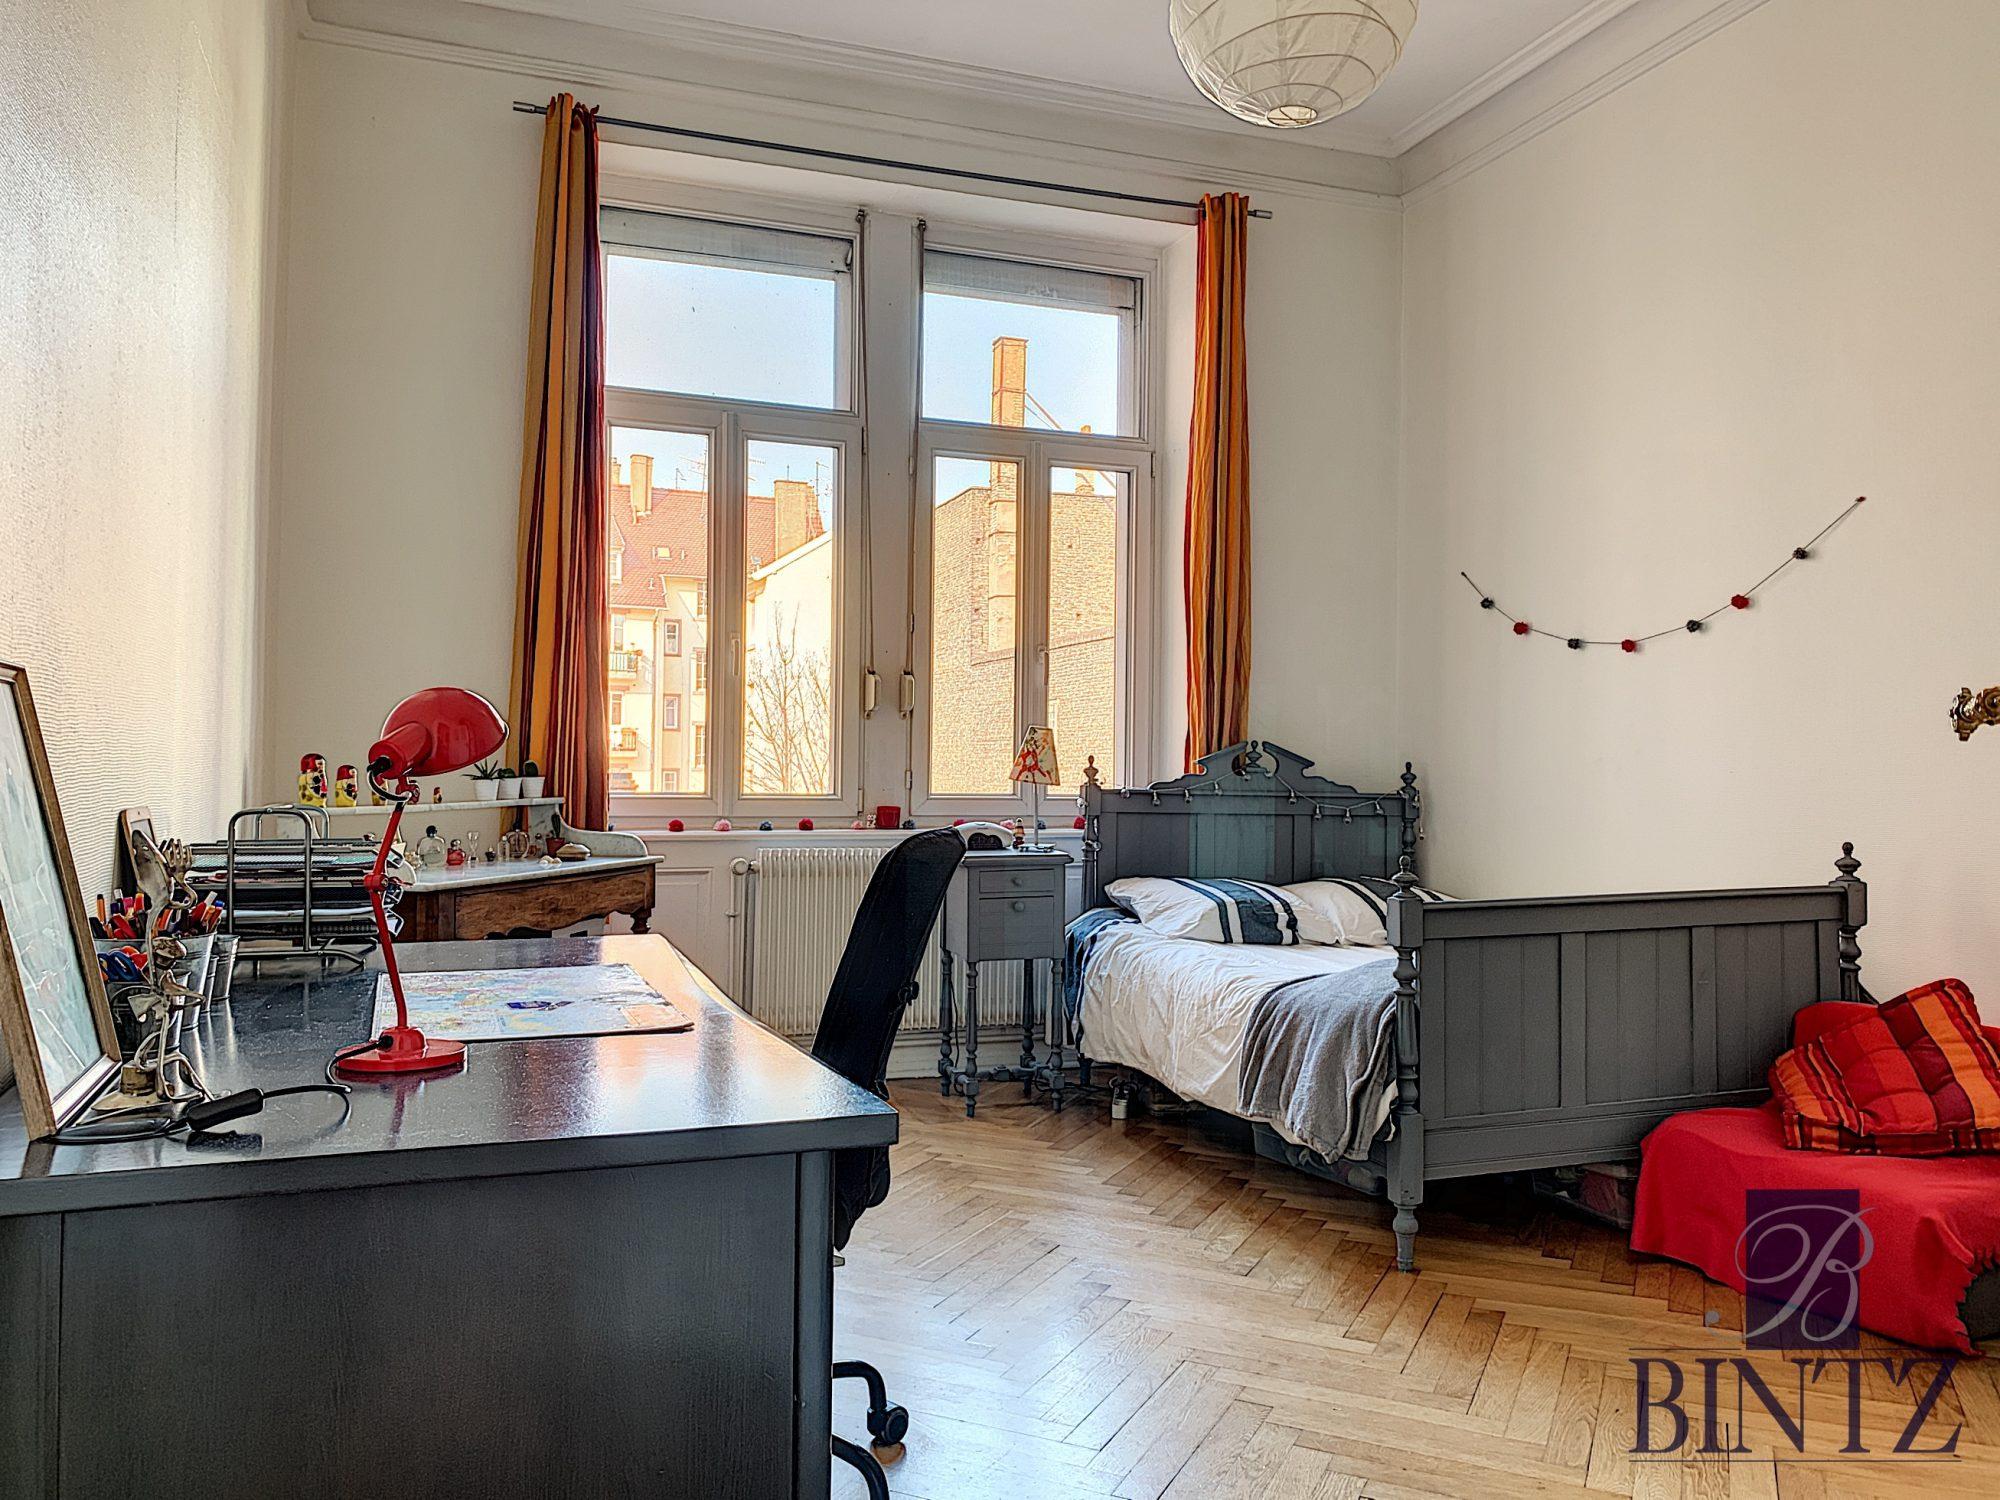 Appartement contemporain quartier forêt noire - Devenez propriétaire en toute confiance - Bintz Immobilier - 5